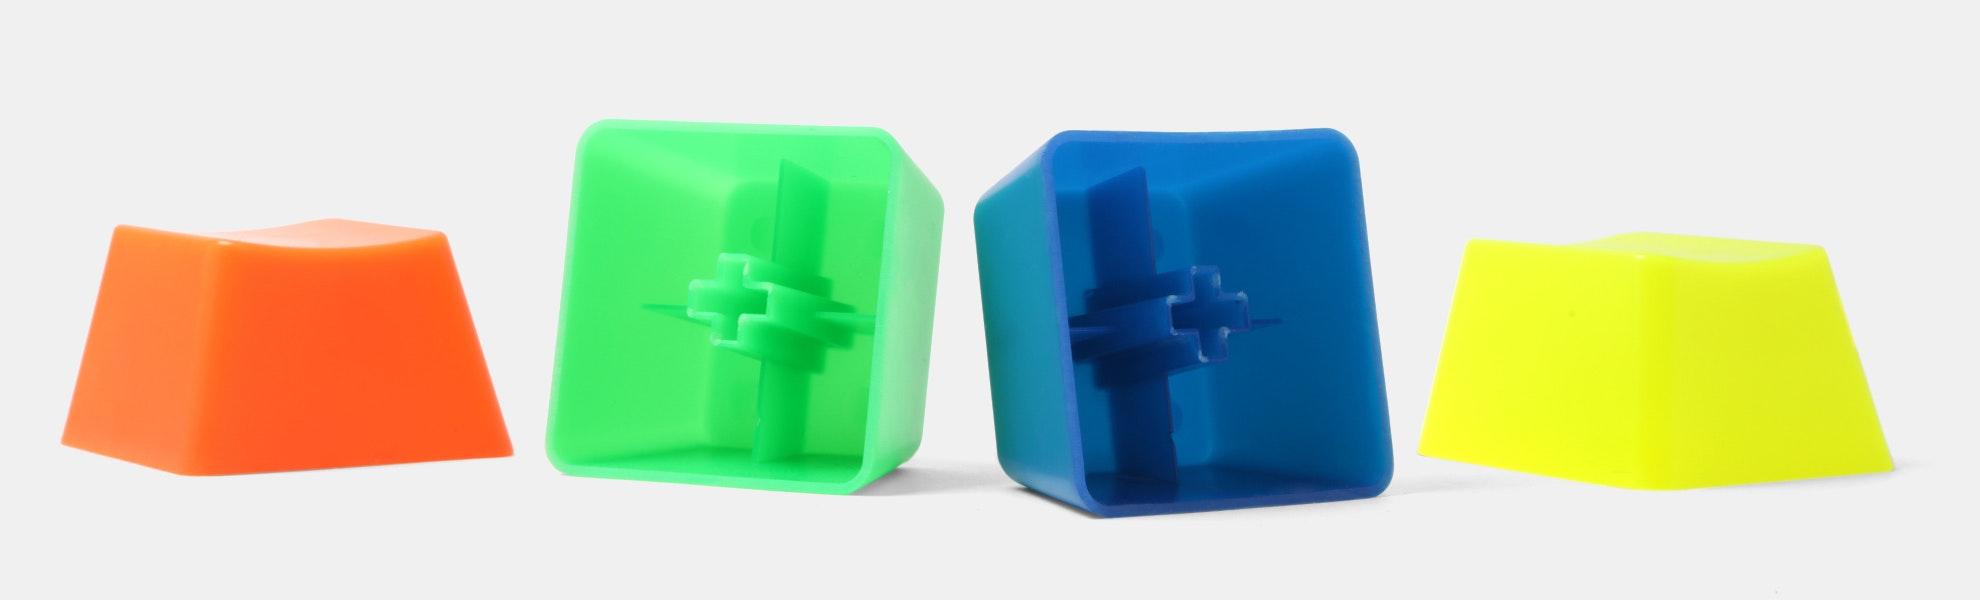 Idea23 x NovelKeys BIG Switch Keycaps